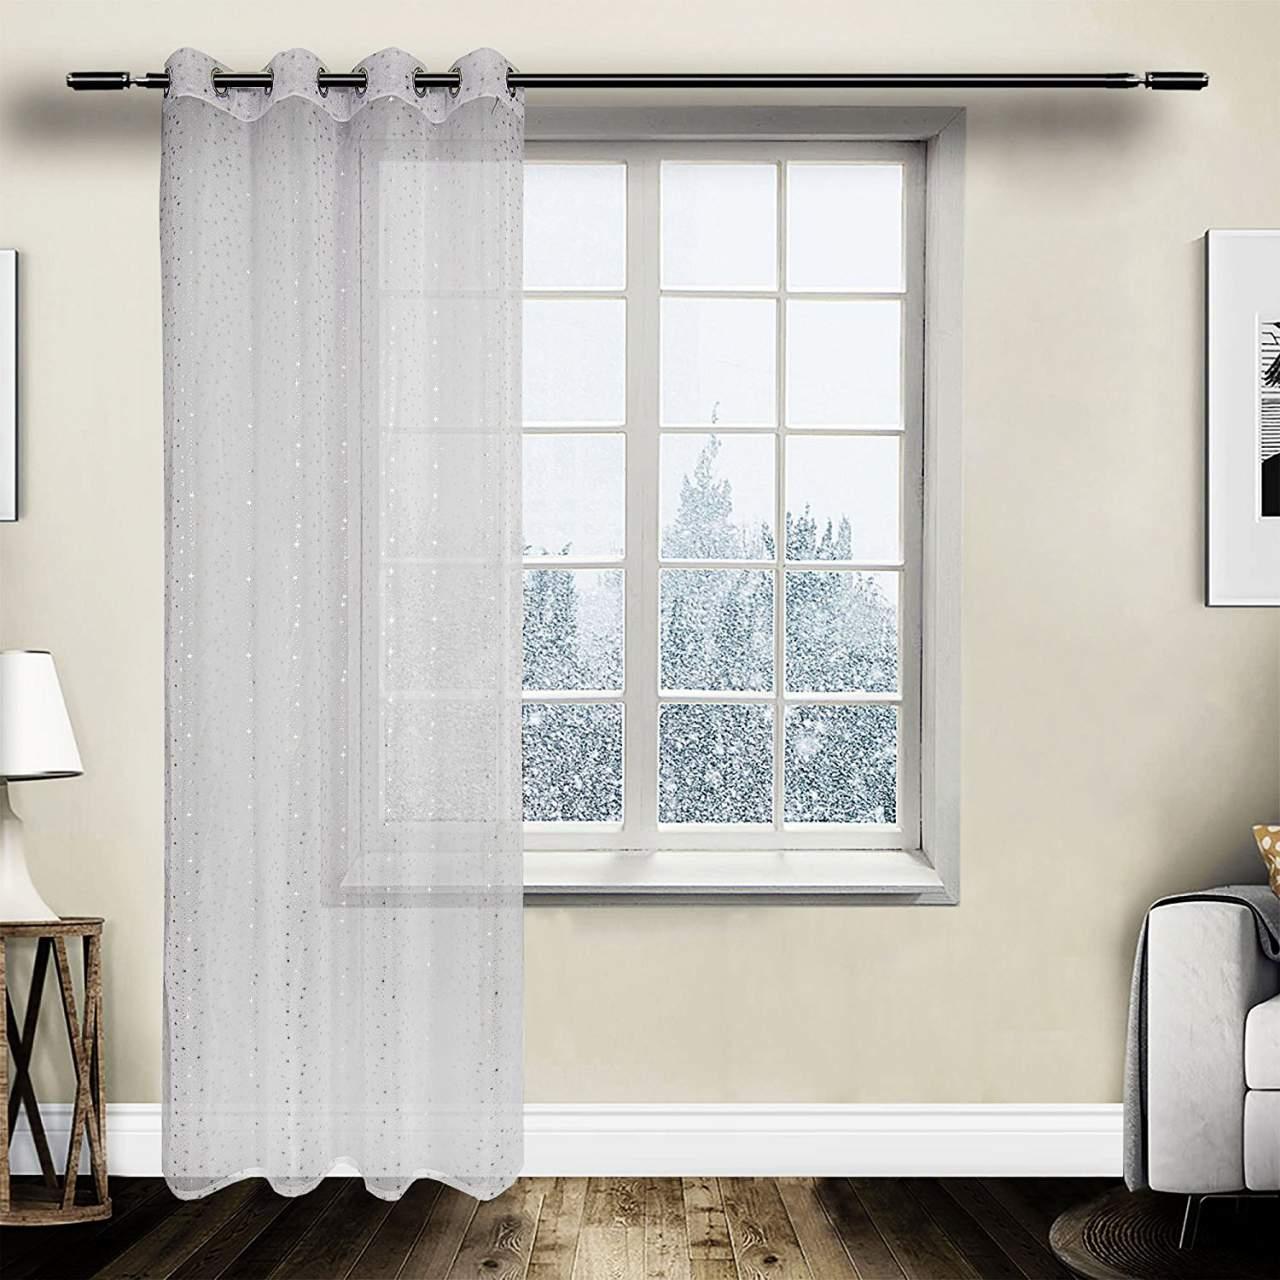 Full Size of Kurze Gardinen Vorhang Transparent Sen Mit Sternenlicht Muster Für Die Küche Fenster Wohnzimmer Scheibengardinen Schlafzimmer Wohnzimmer Kurze Gardinen